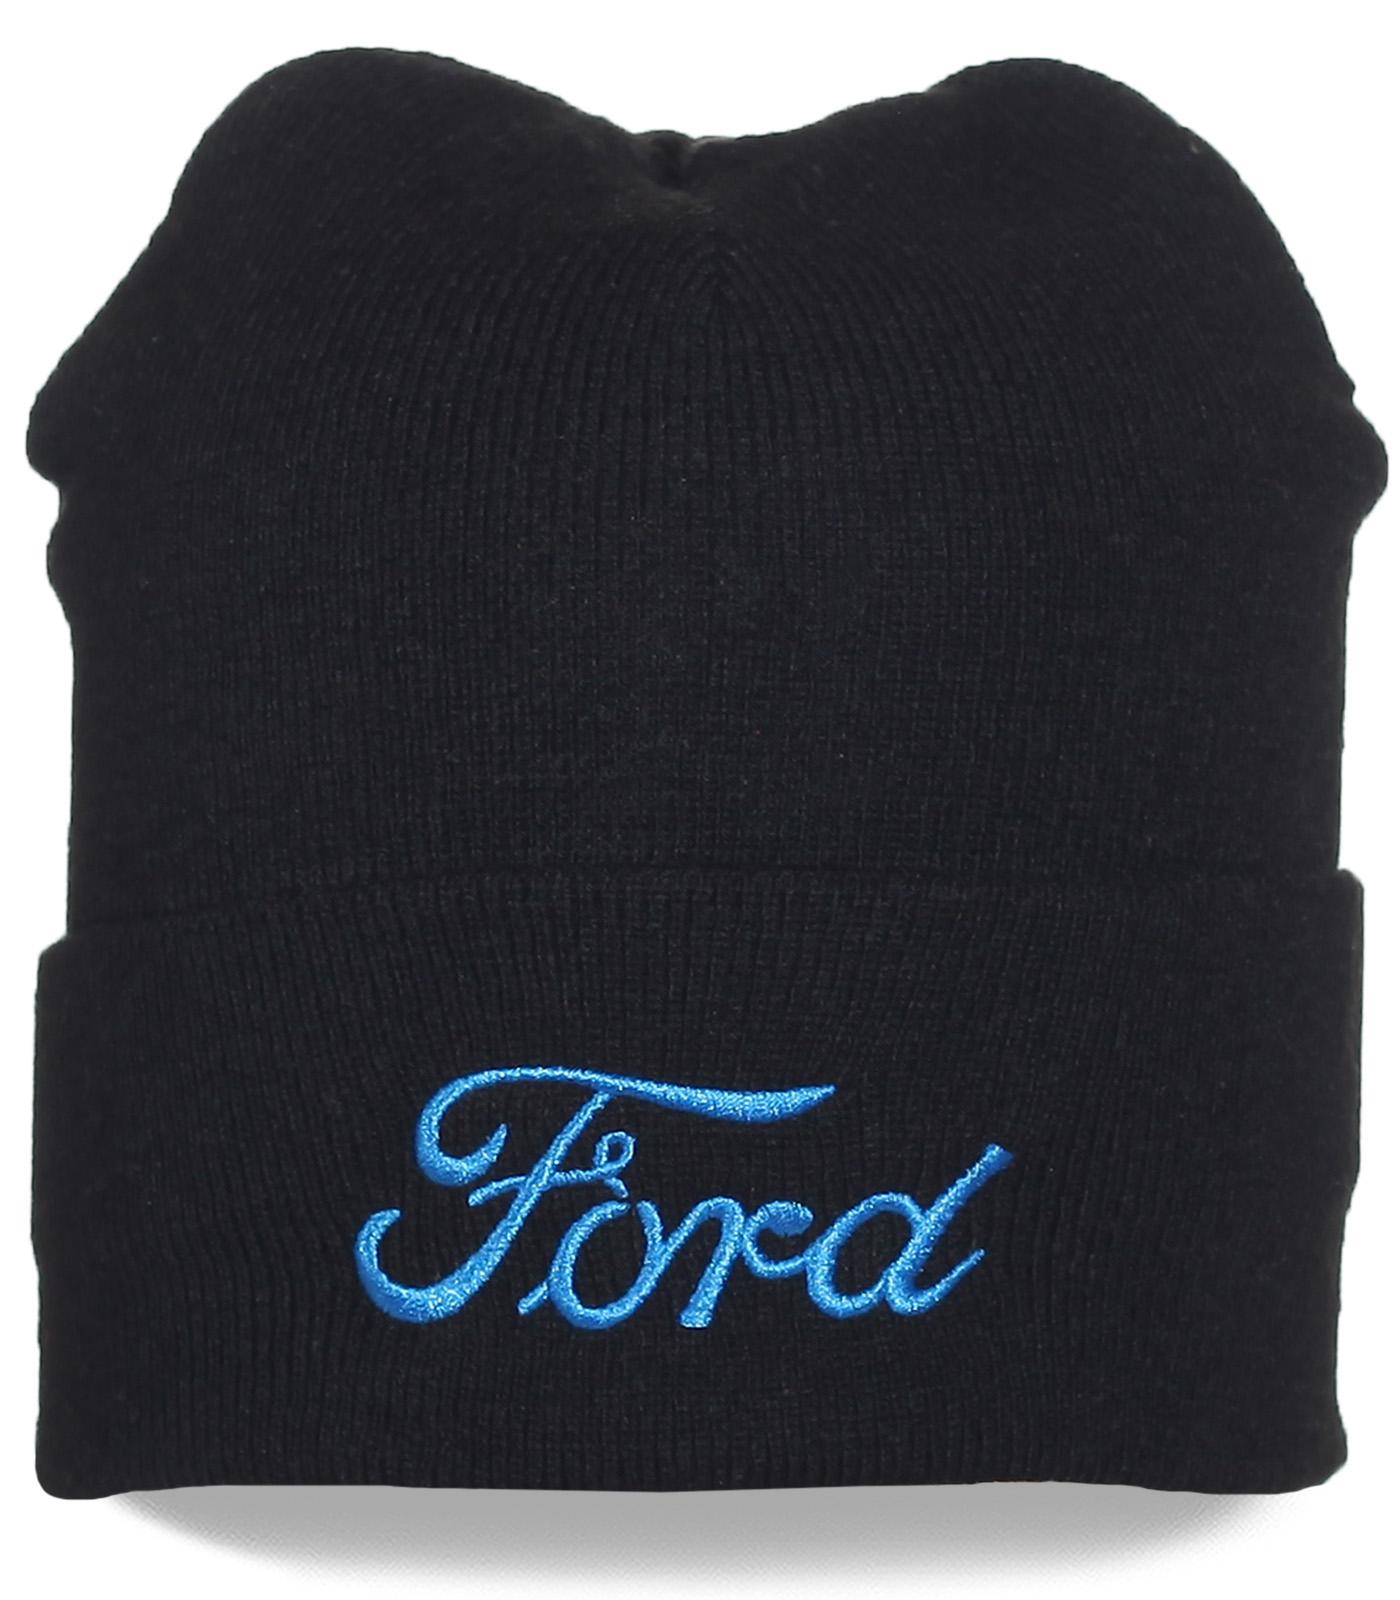 Черная шапка Ford. Контрастная надпись, подворот. Модель, которая в моде всегда!